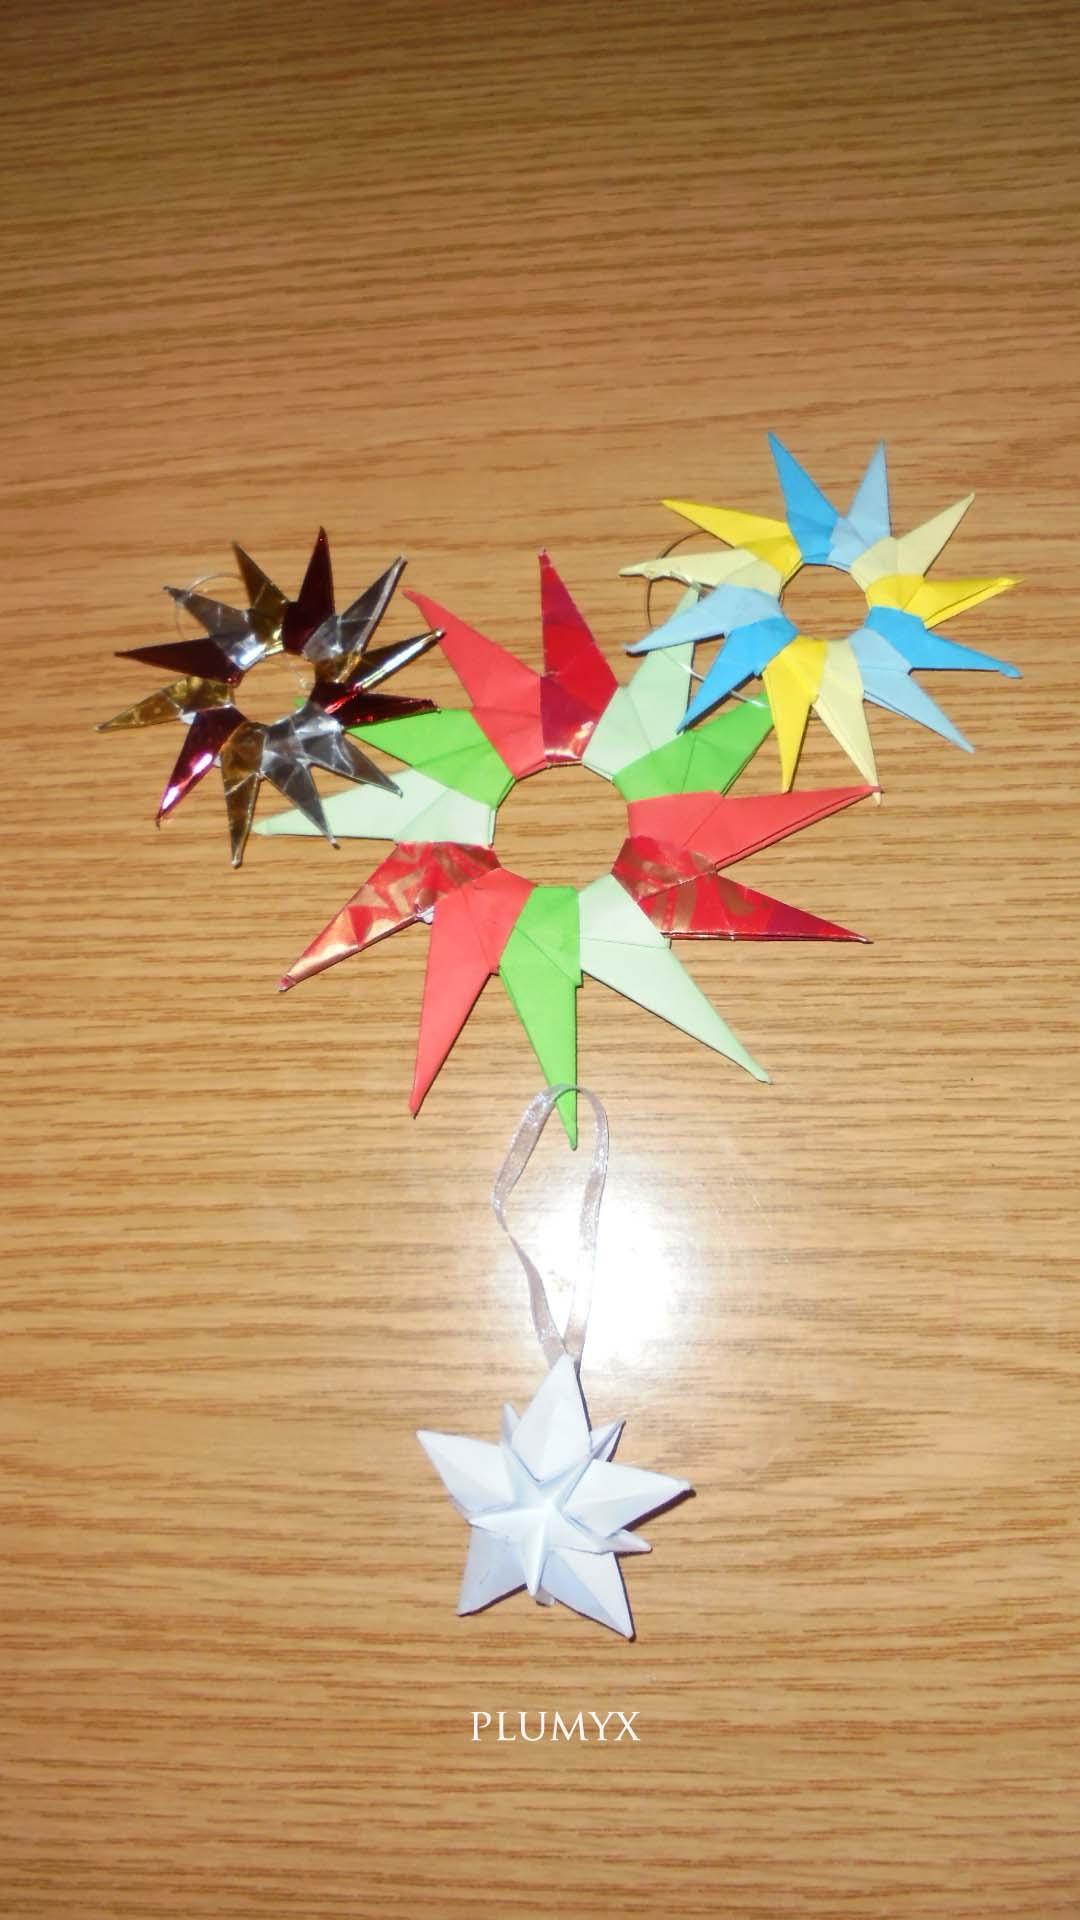 Decoraci n con estrellas plumyx - Decoracion con estrellas ...